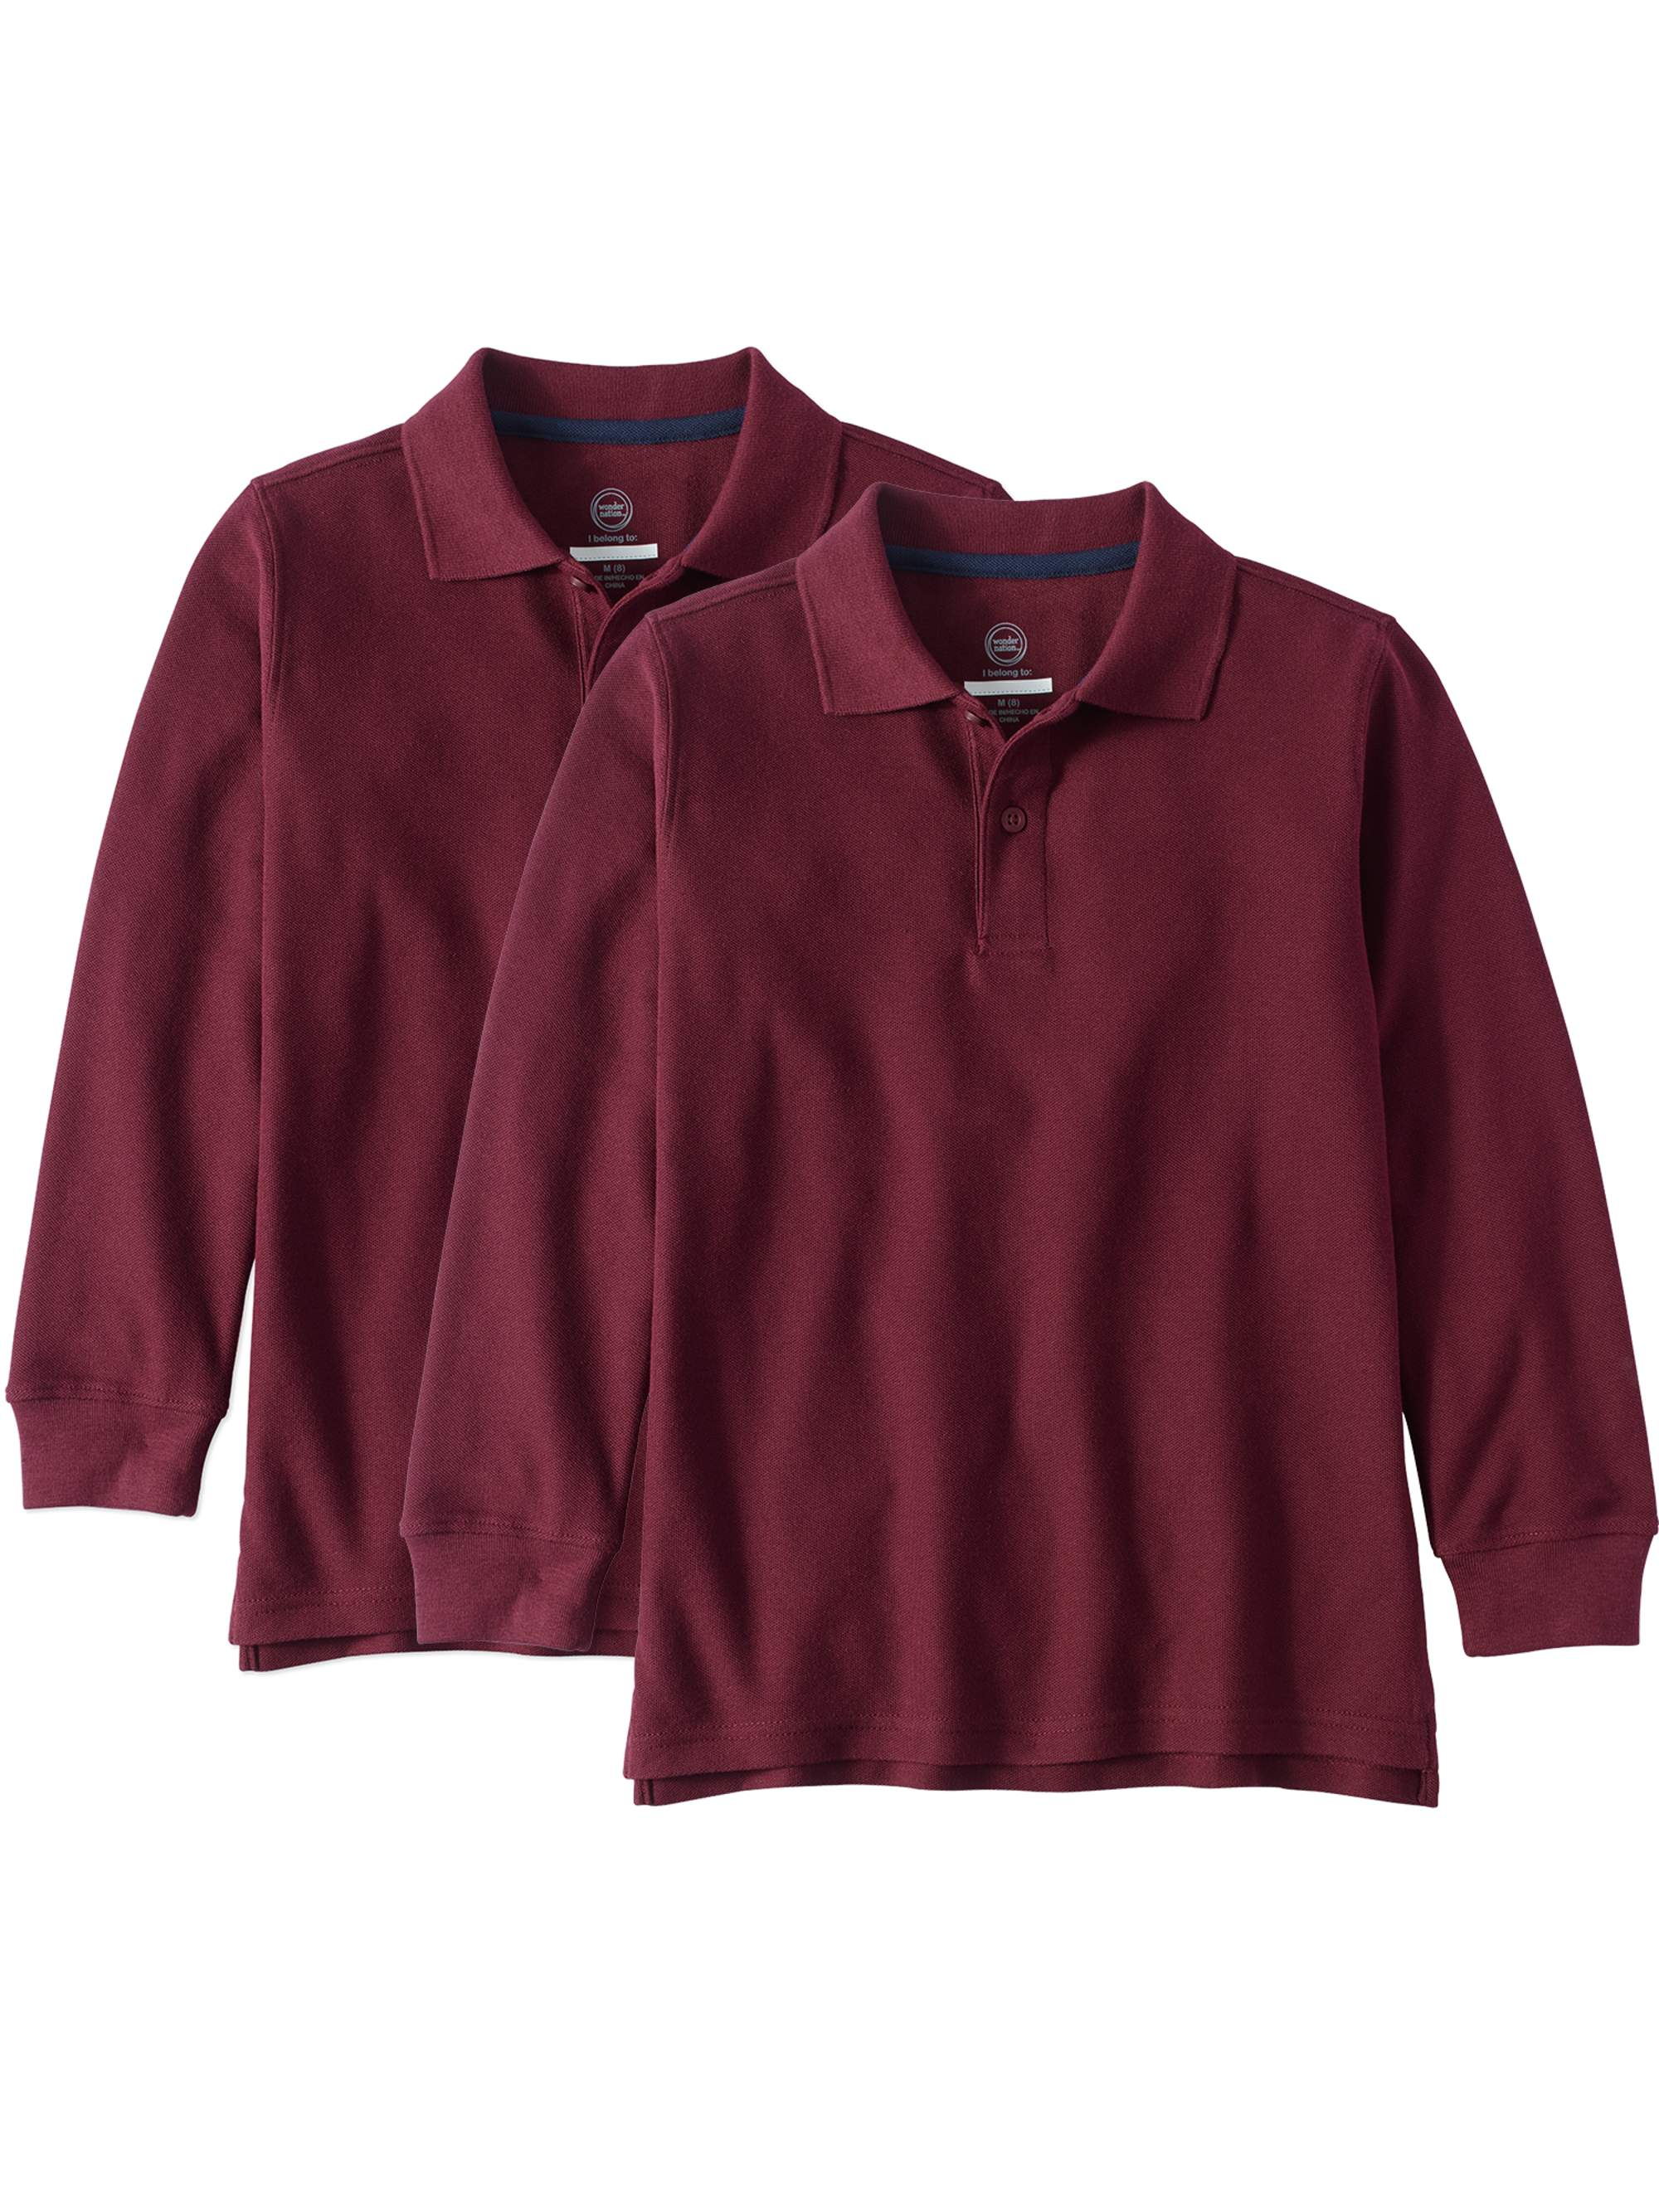 Boys School Uniform Long Sleeve Double Pique Polo, 2-Pack Value Bundle